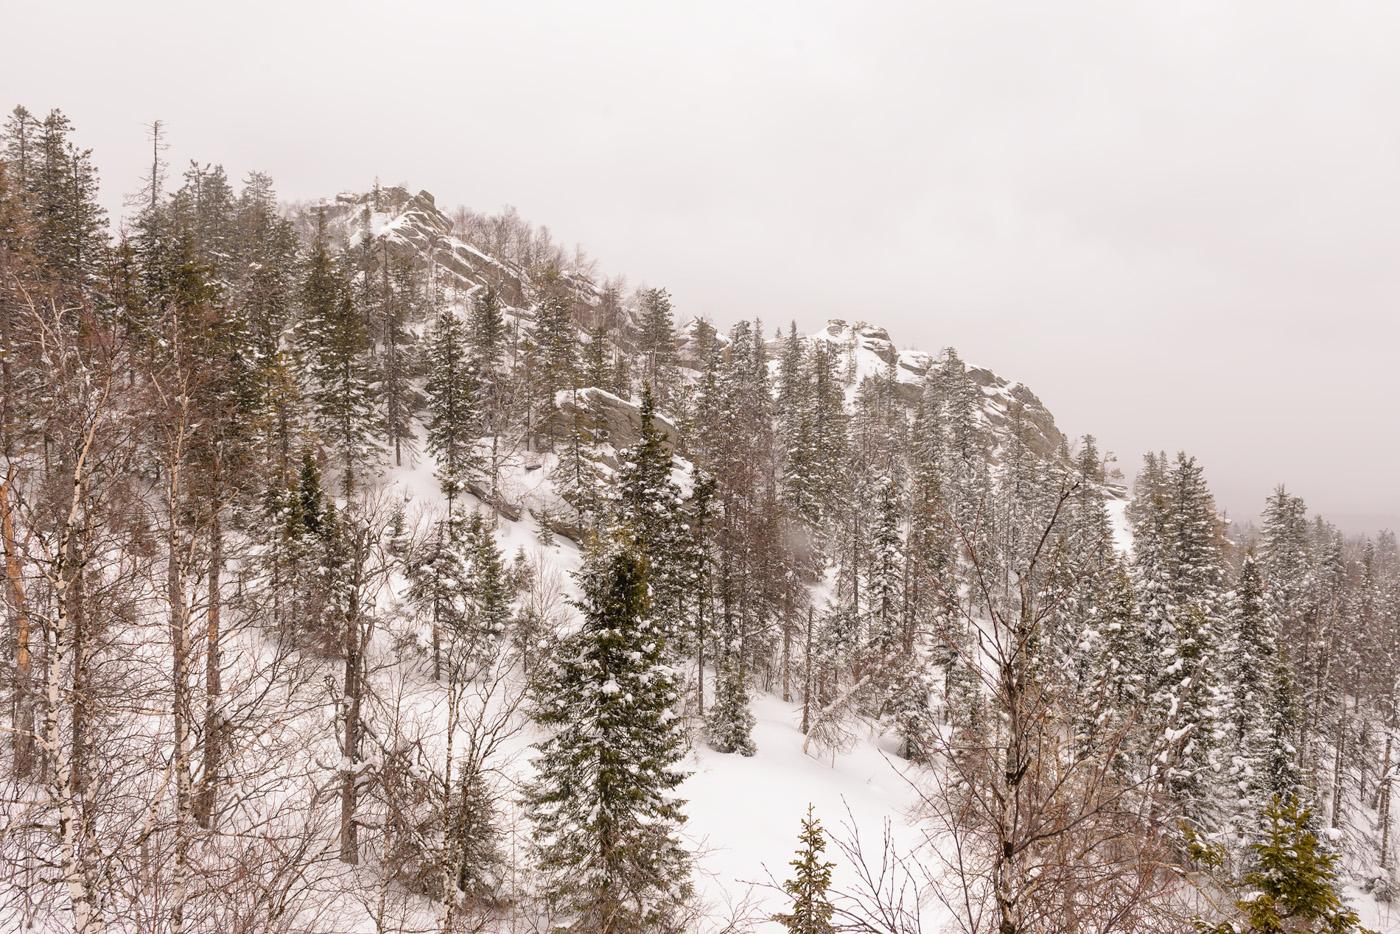 Фотография 11. Так выглядит гора Черная скала с другой стороны. Отчет о путешествии в Челябинскую область из Екатеринбурга. Стоит ли ехать на Таганай в марте? Безусловно, сомнения разве могут быть! 1/400, +0.67, 8.0, 400, 24.